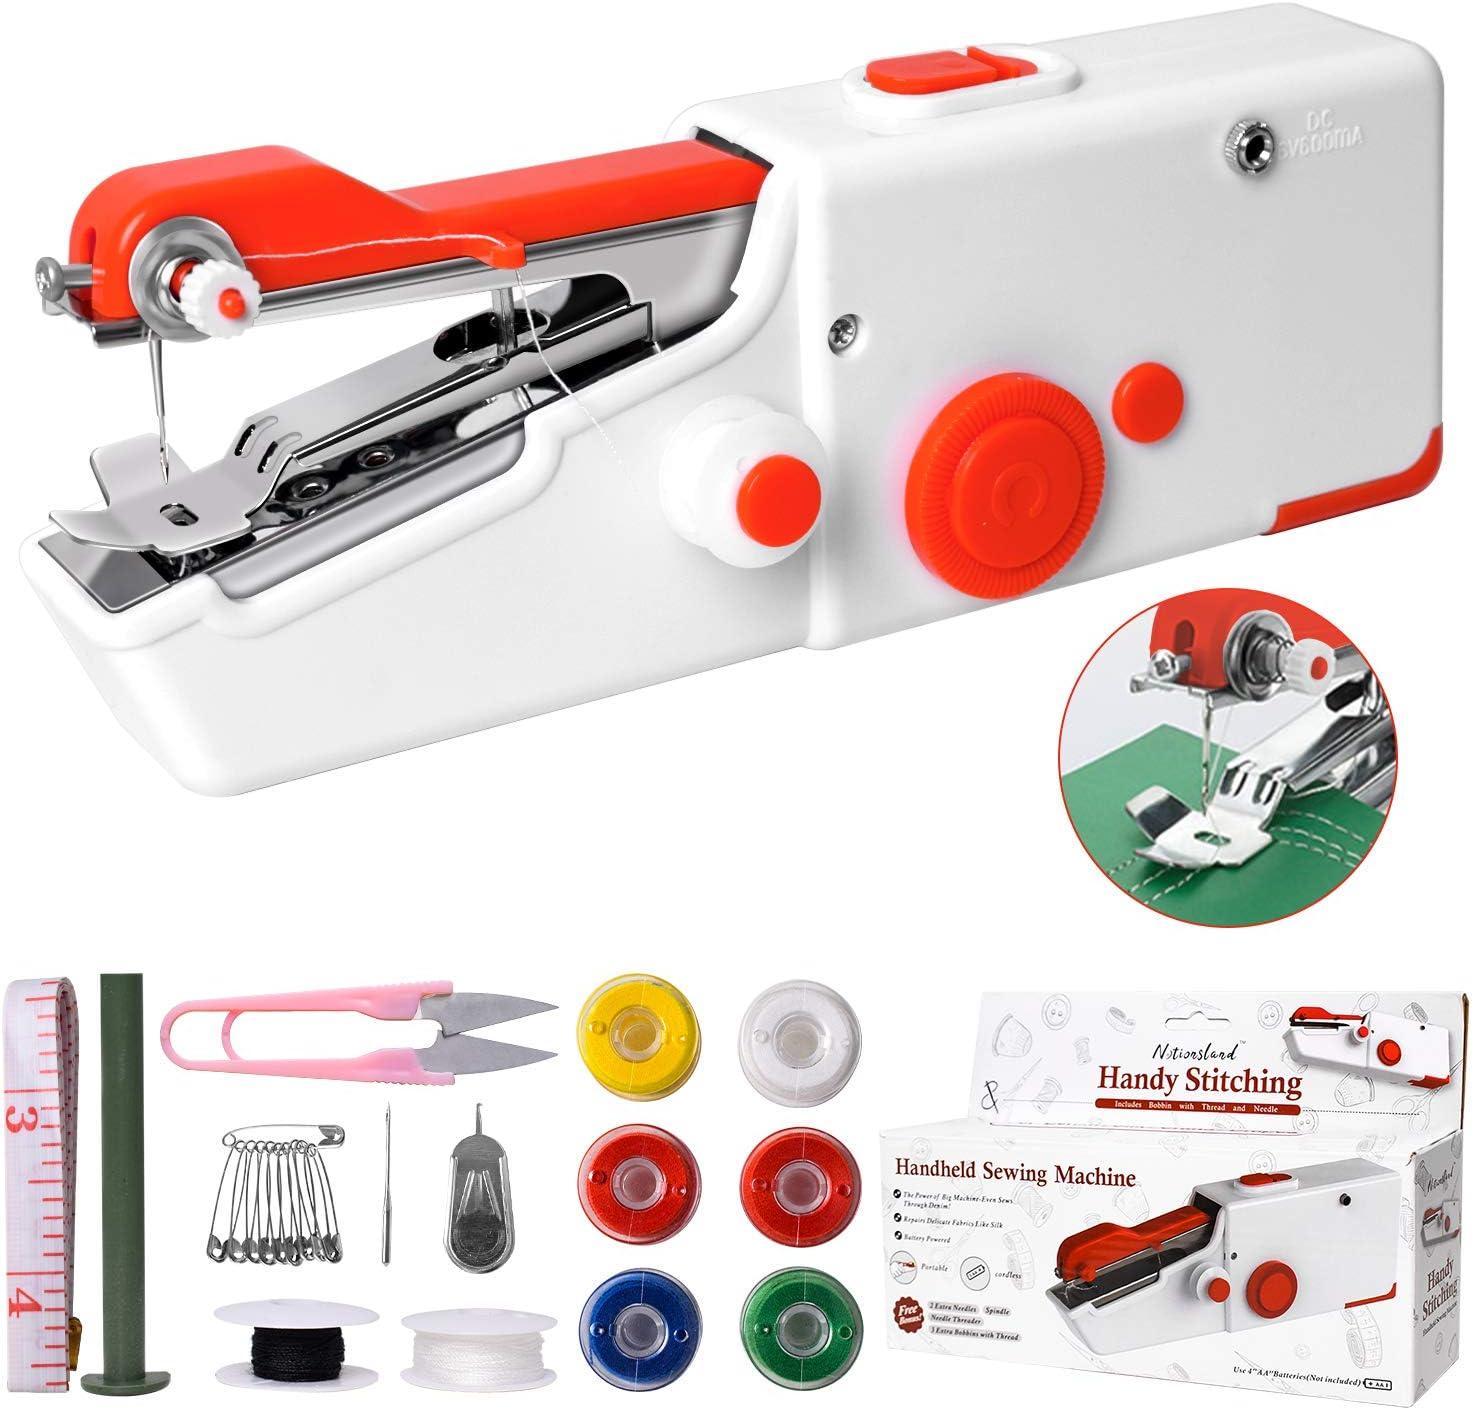 Máquina de Coser Portátil, Mini máquina de coser eléctrica portátil para adultos, fácil de usar y de puntada rápida adecuada para ropa, cortinas, telas, bricolaje para viajes en casa